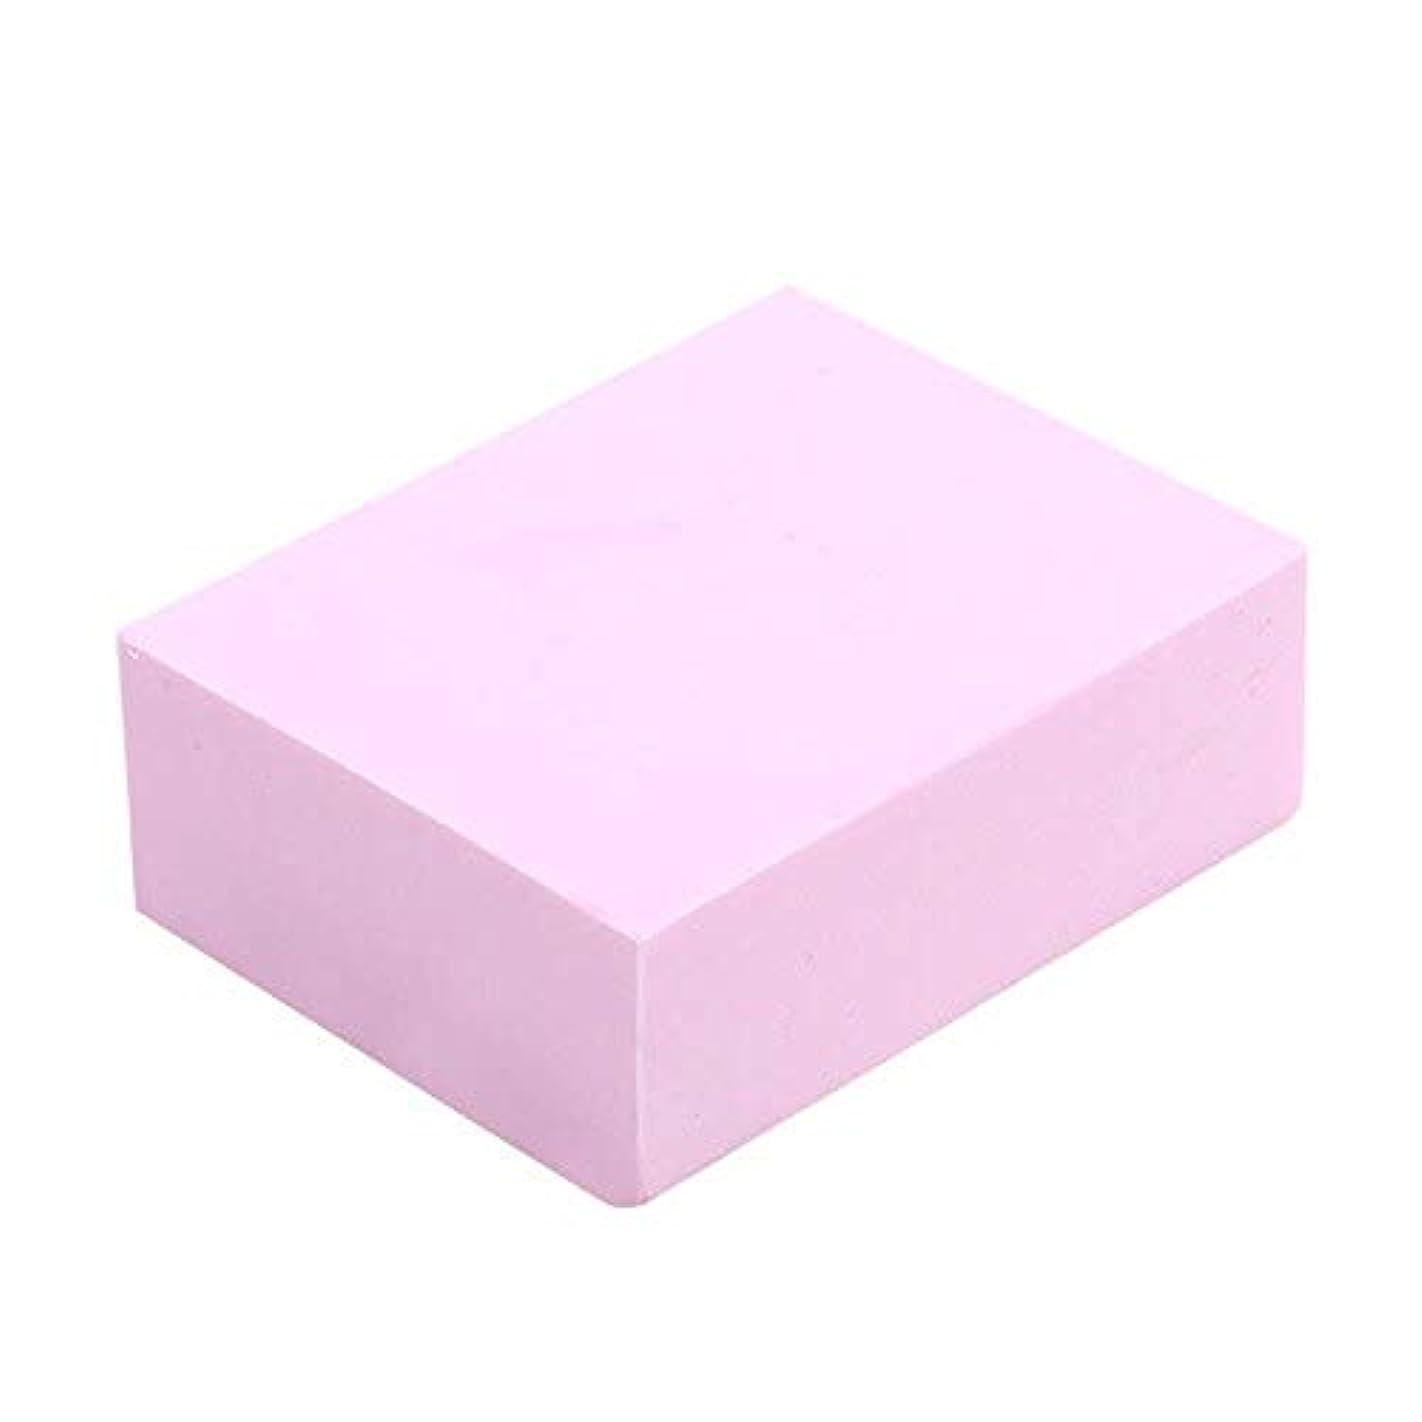 消費者トレイル窓を洗うBaby Scrub Sponge Scrub Artifact Adults and Children Do Not Hurt The Skin Soft Scrub (Pink)